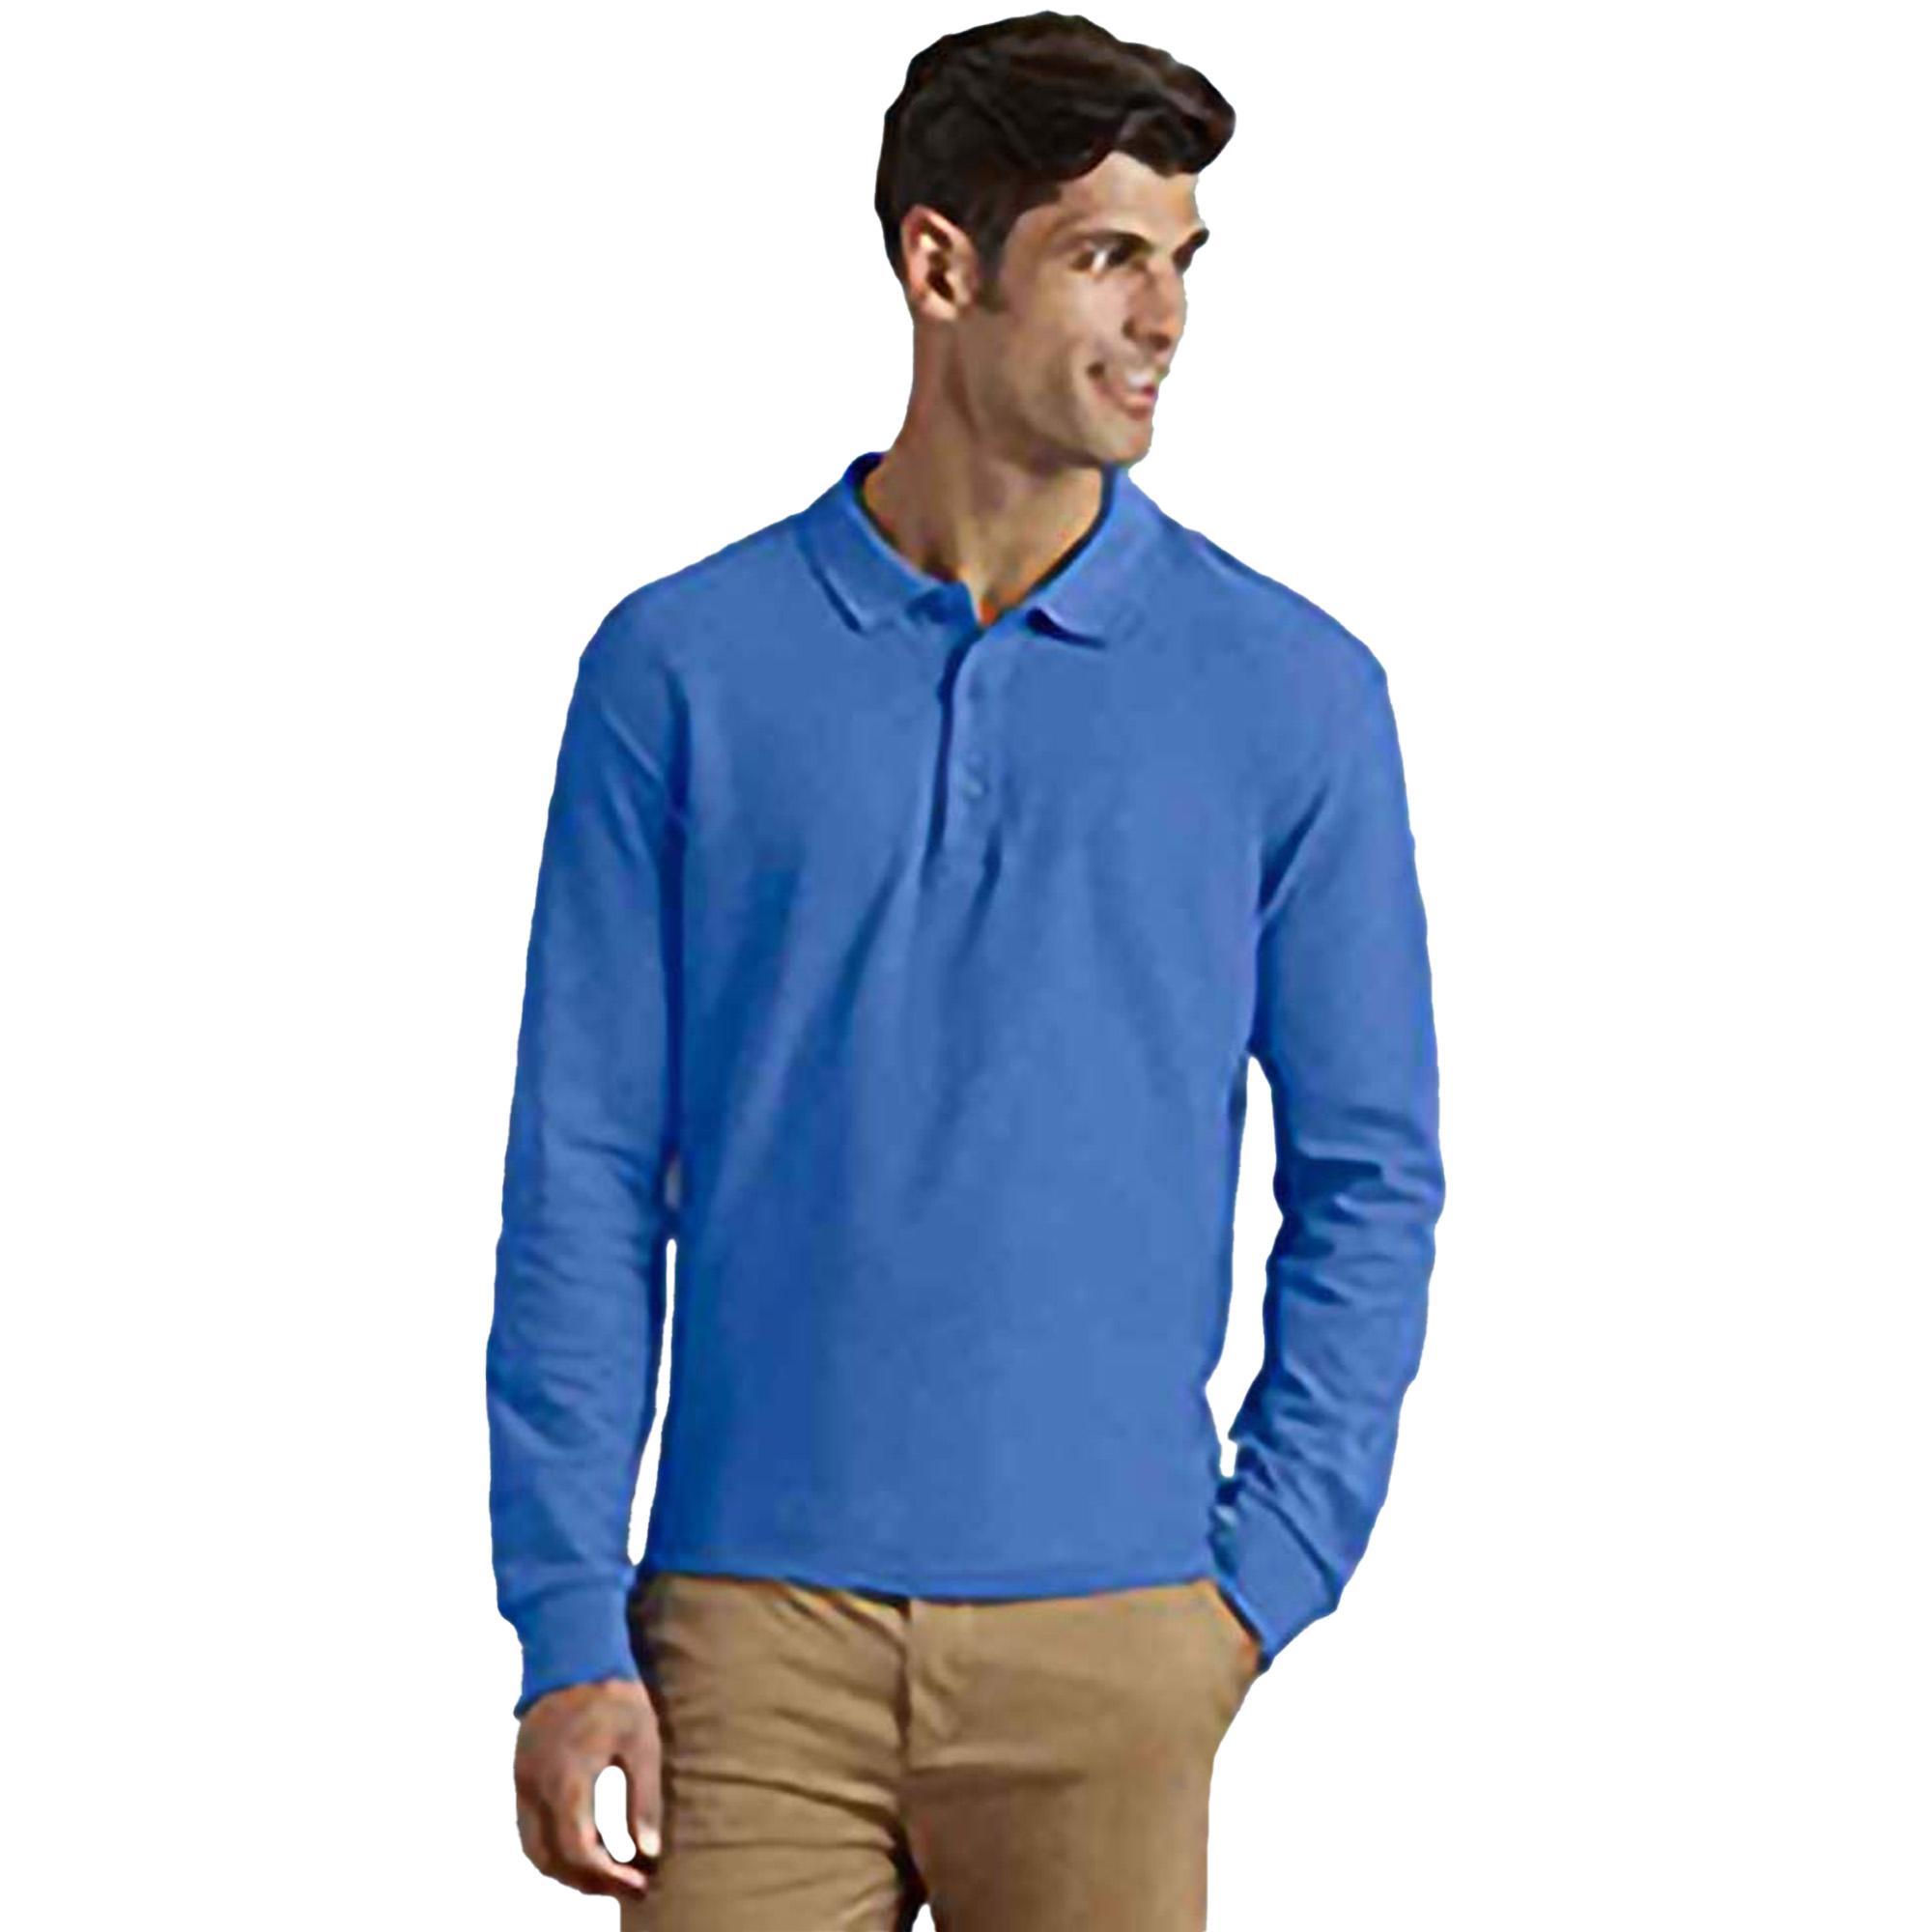 Gildan Mens Long Sleeve Premium Cotton Double Pique Polo Shirt White Xl Utrw4740 36